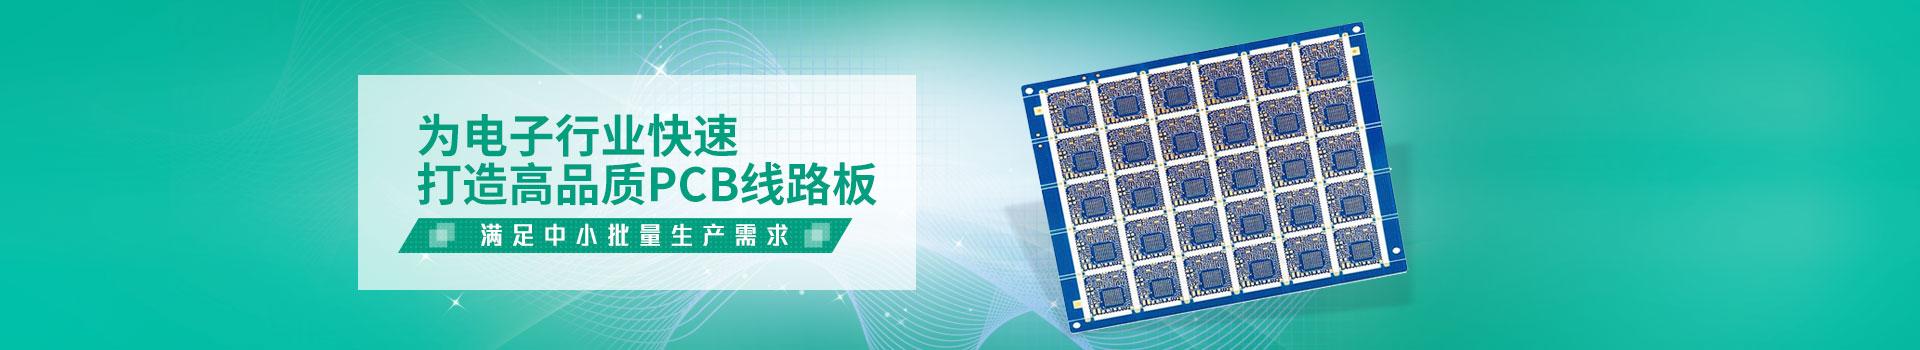 金倍克一直为电子行业快速打造高品质PCB线路板